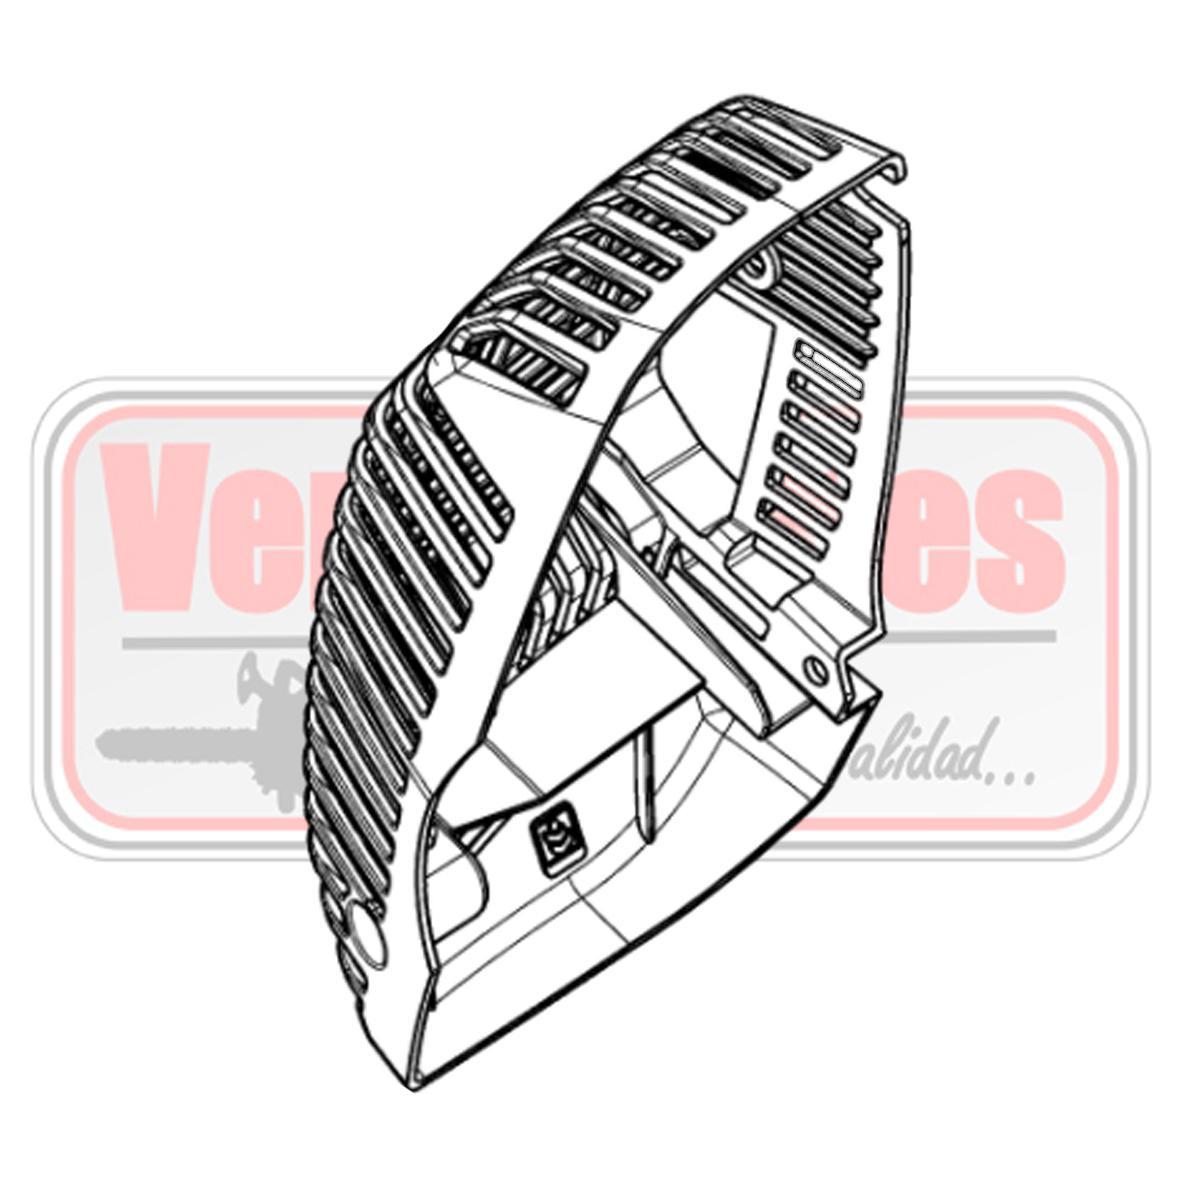 Carcasa lado silenciador Oleo Mac BC 240 / 241